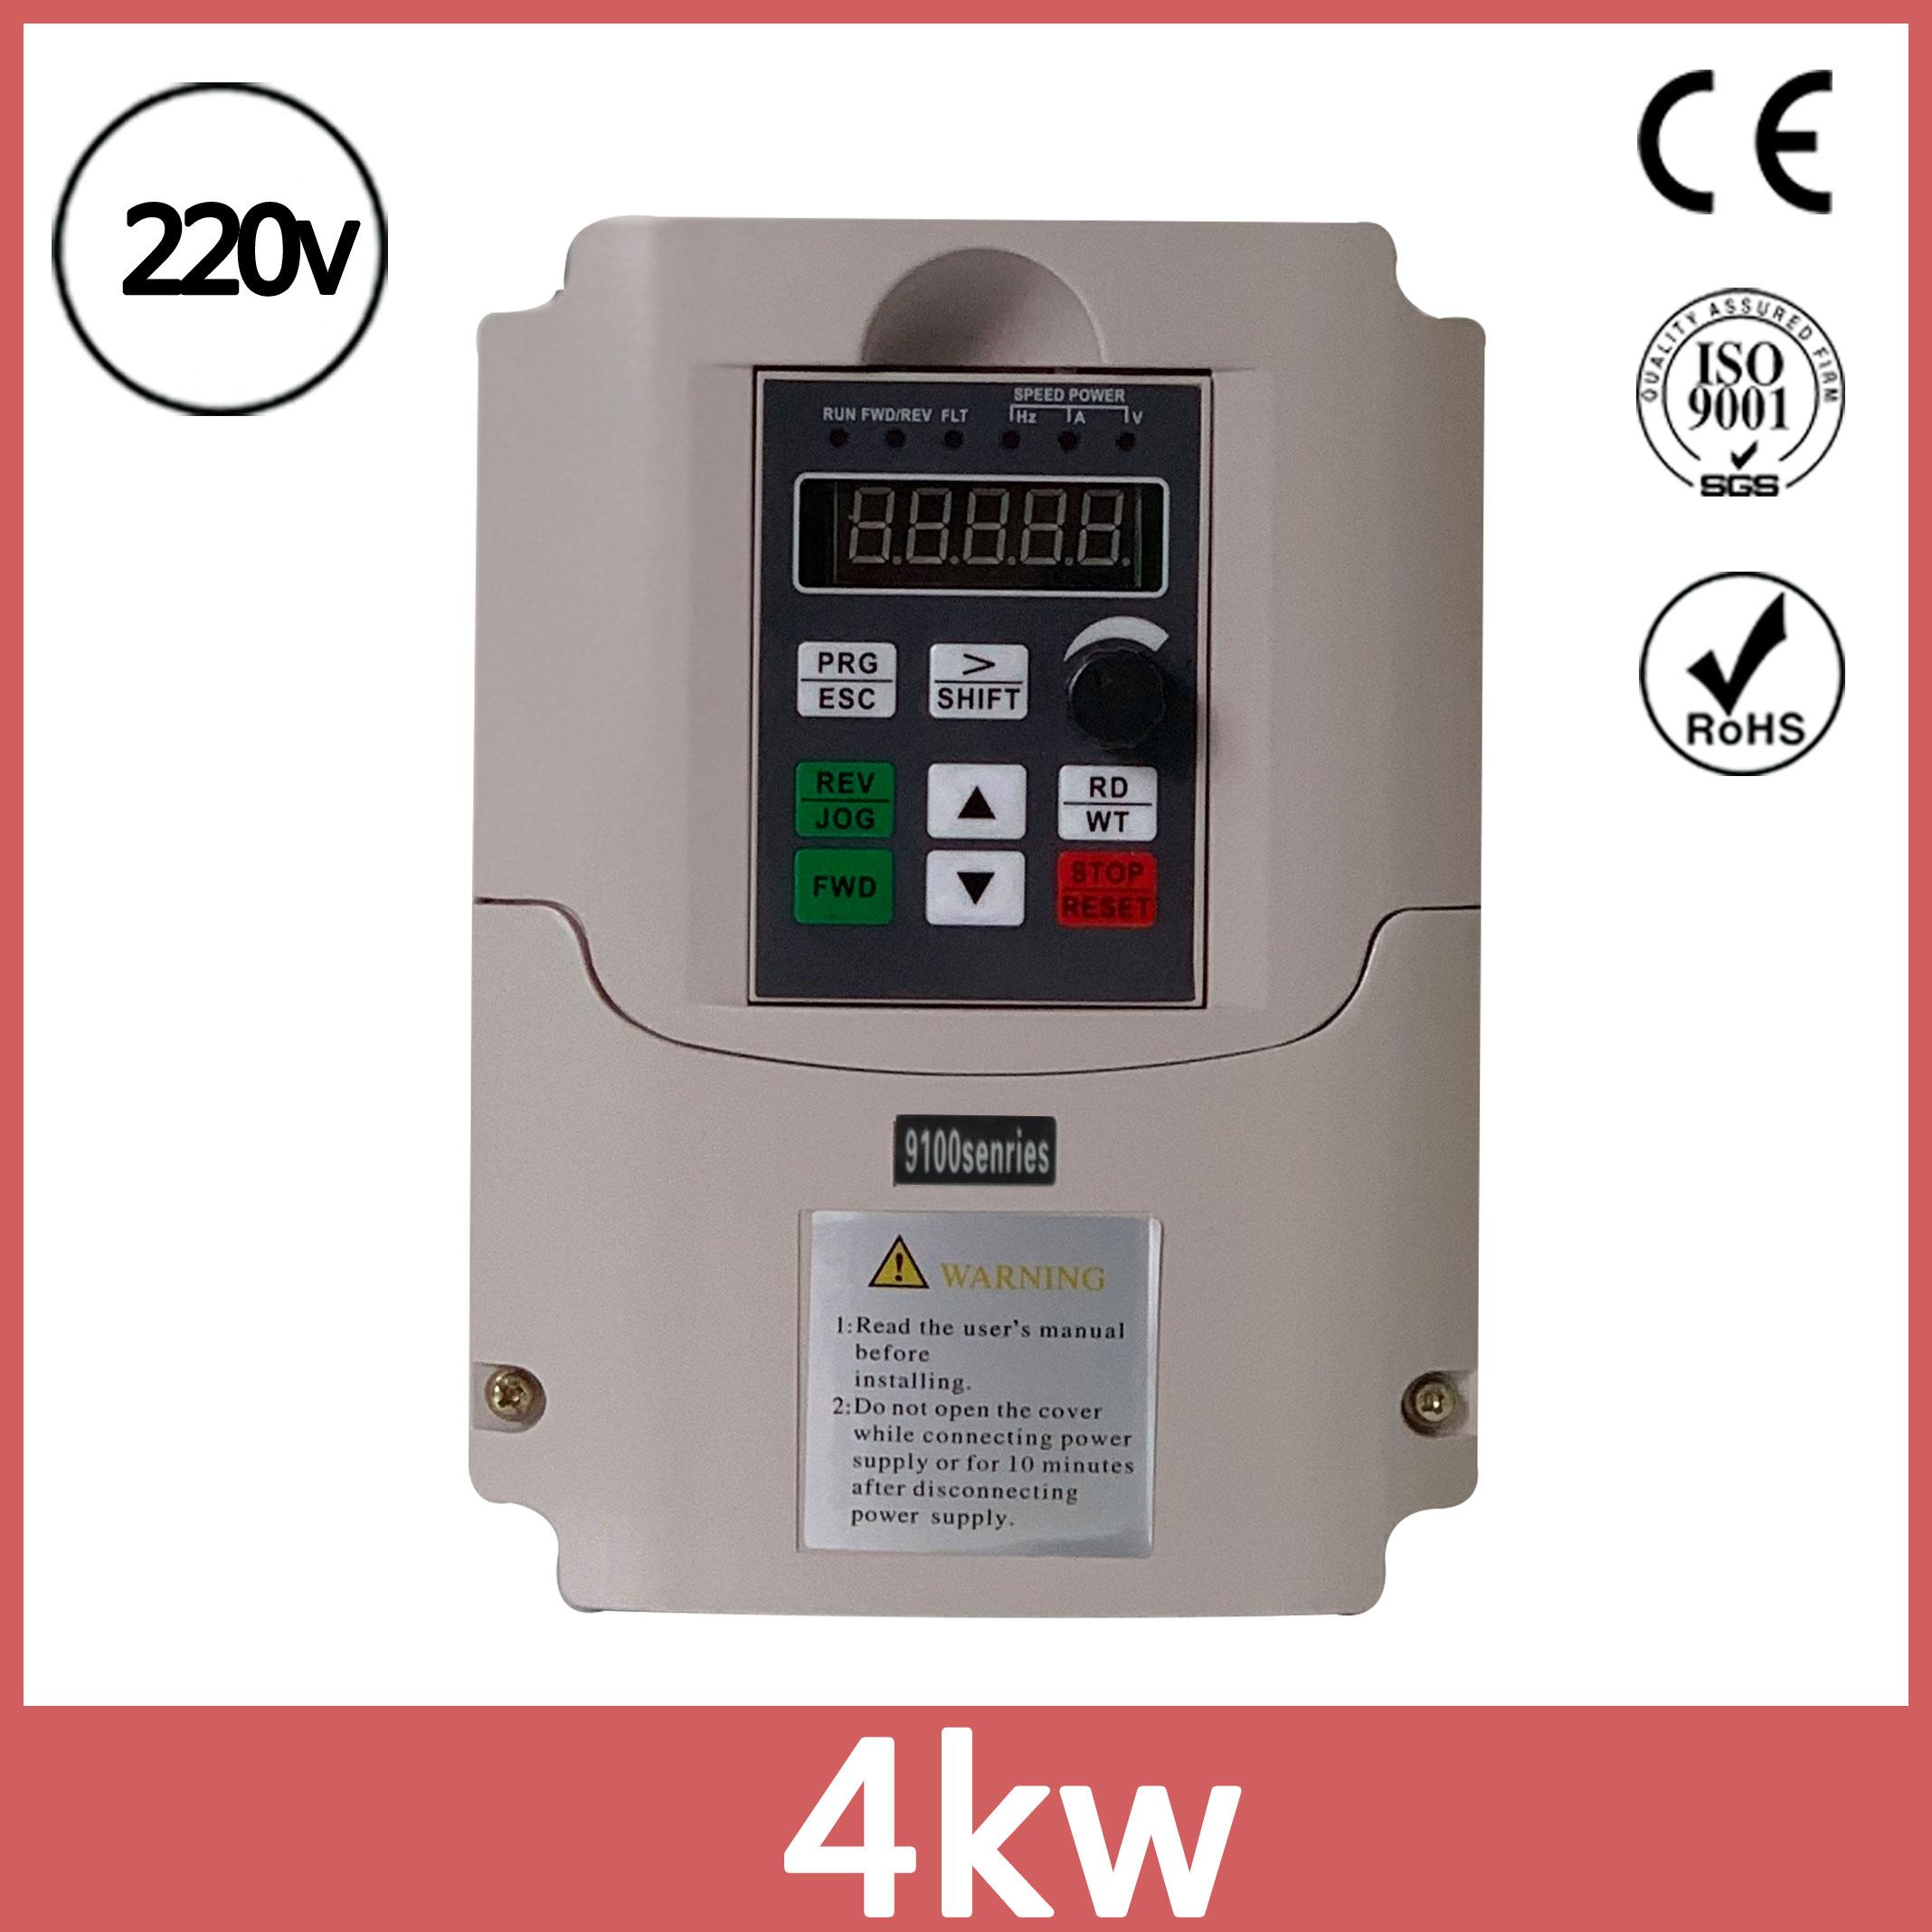 Dla rosyjskich NF 220v 1.5kw/2.2/4kw 1 sygnał wejściowy i 3 fazy wyjście przetwornica częstotliwości/napęd silnika ac/VSD/VFD/50 HZ falownik